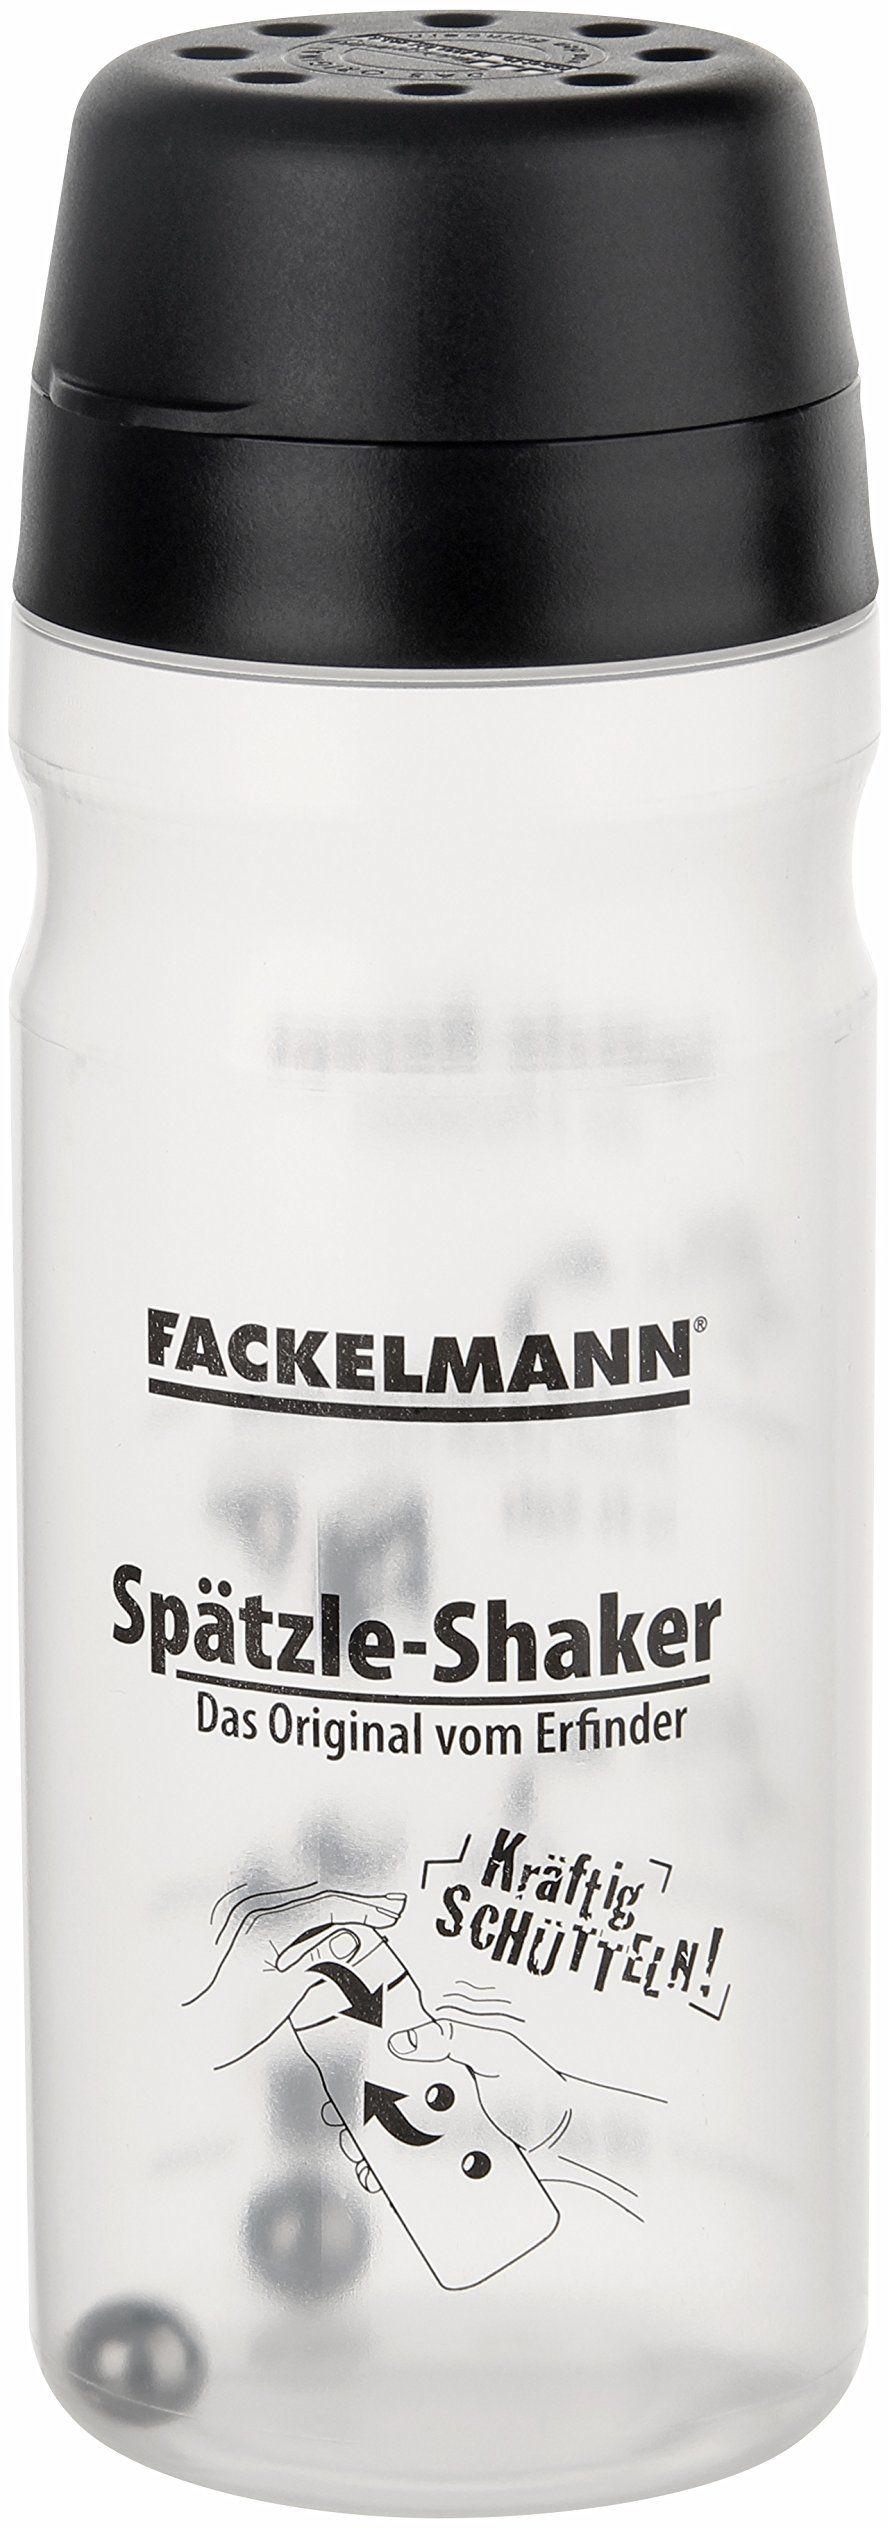 Fackelmann Spätzle Mix-Shaker, butelka na ciasto do samodzielnego wykonania (kolor: czarny/przezroczysty), ilość: 1 sztuka